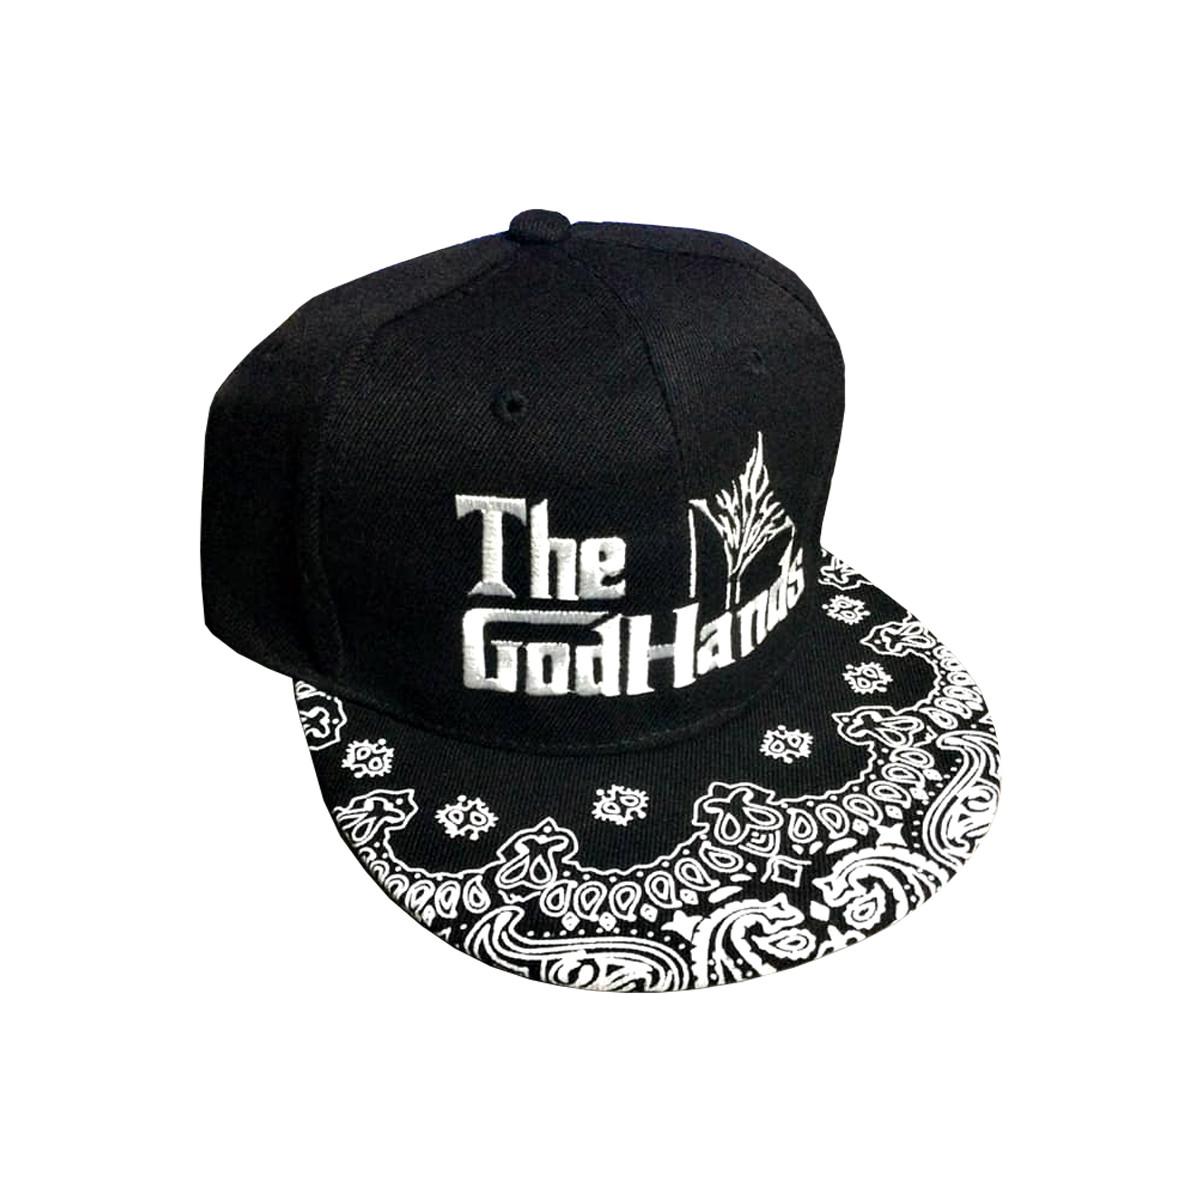 GOD HANDS FLAT CAP